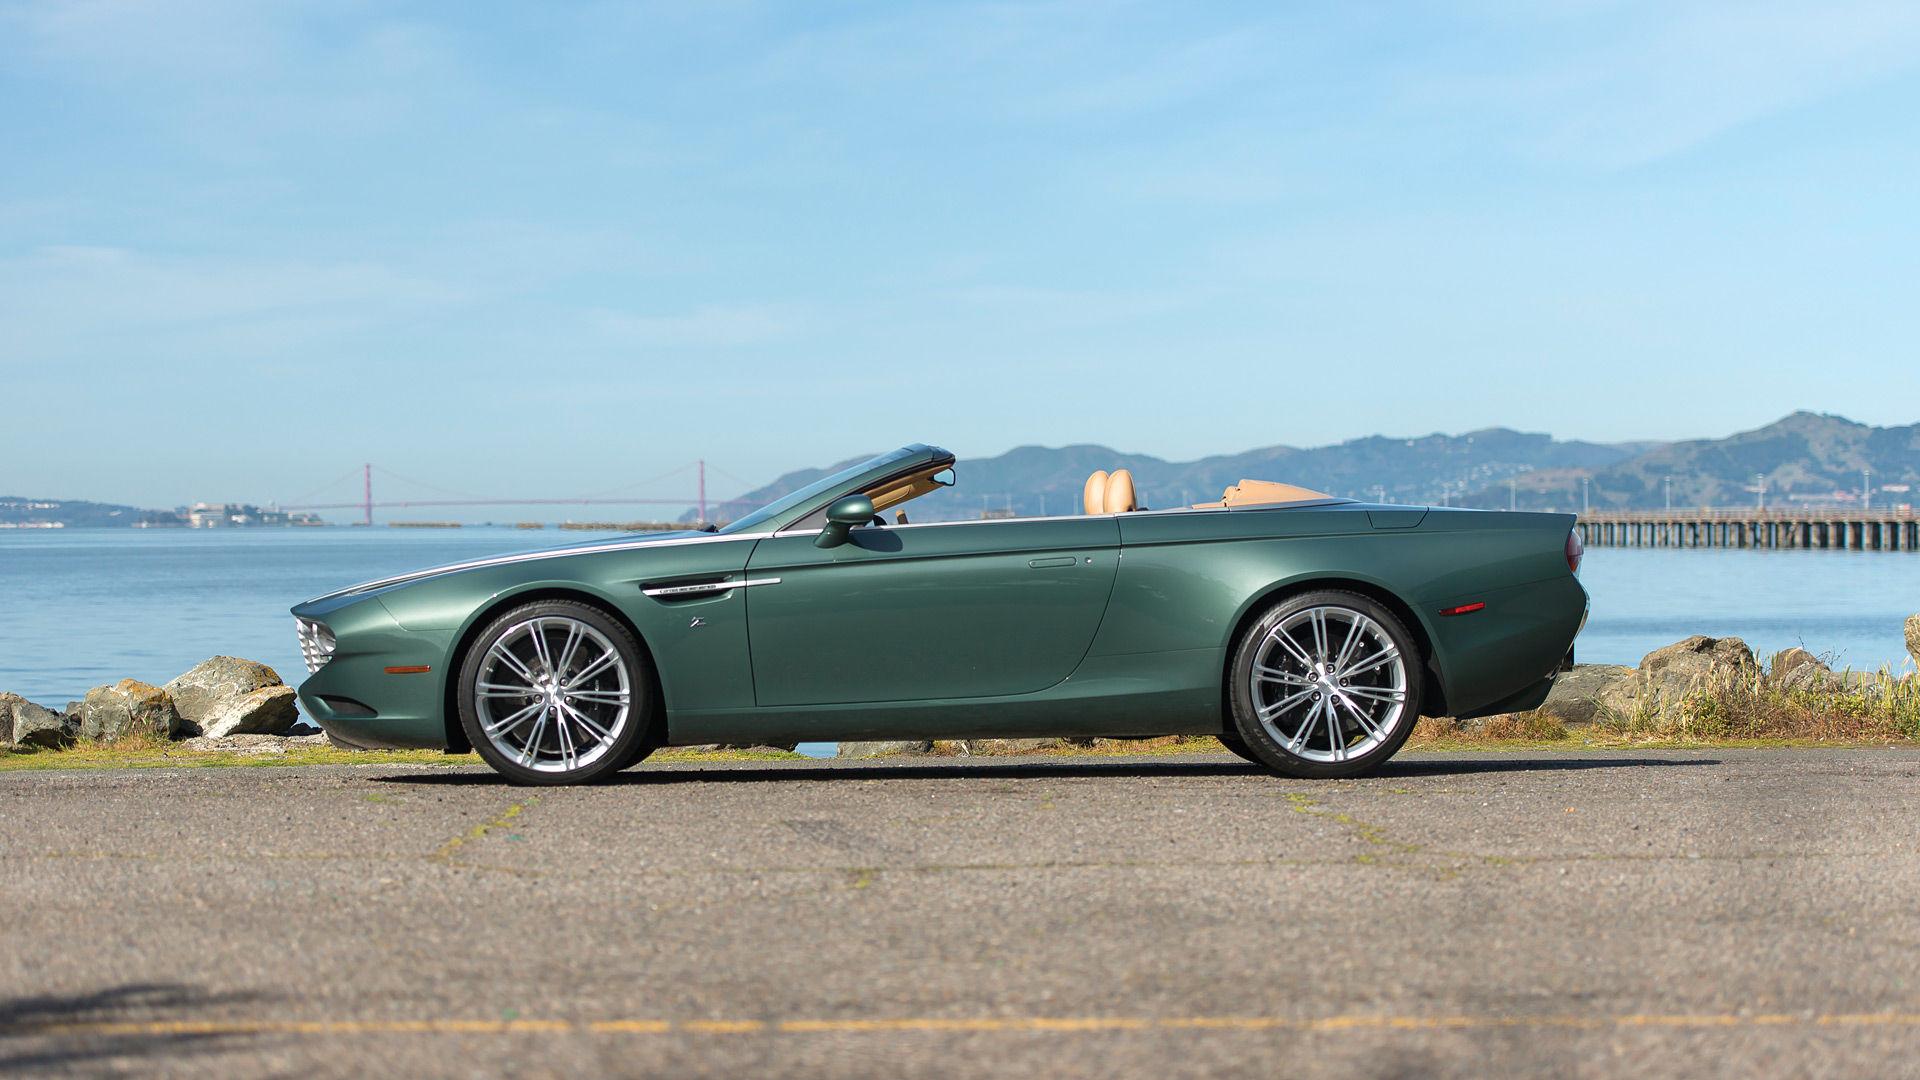 2014 Aston Martin DB9 Spyder Zagato Centennial